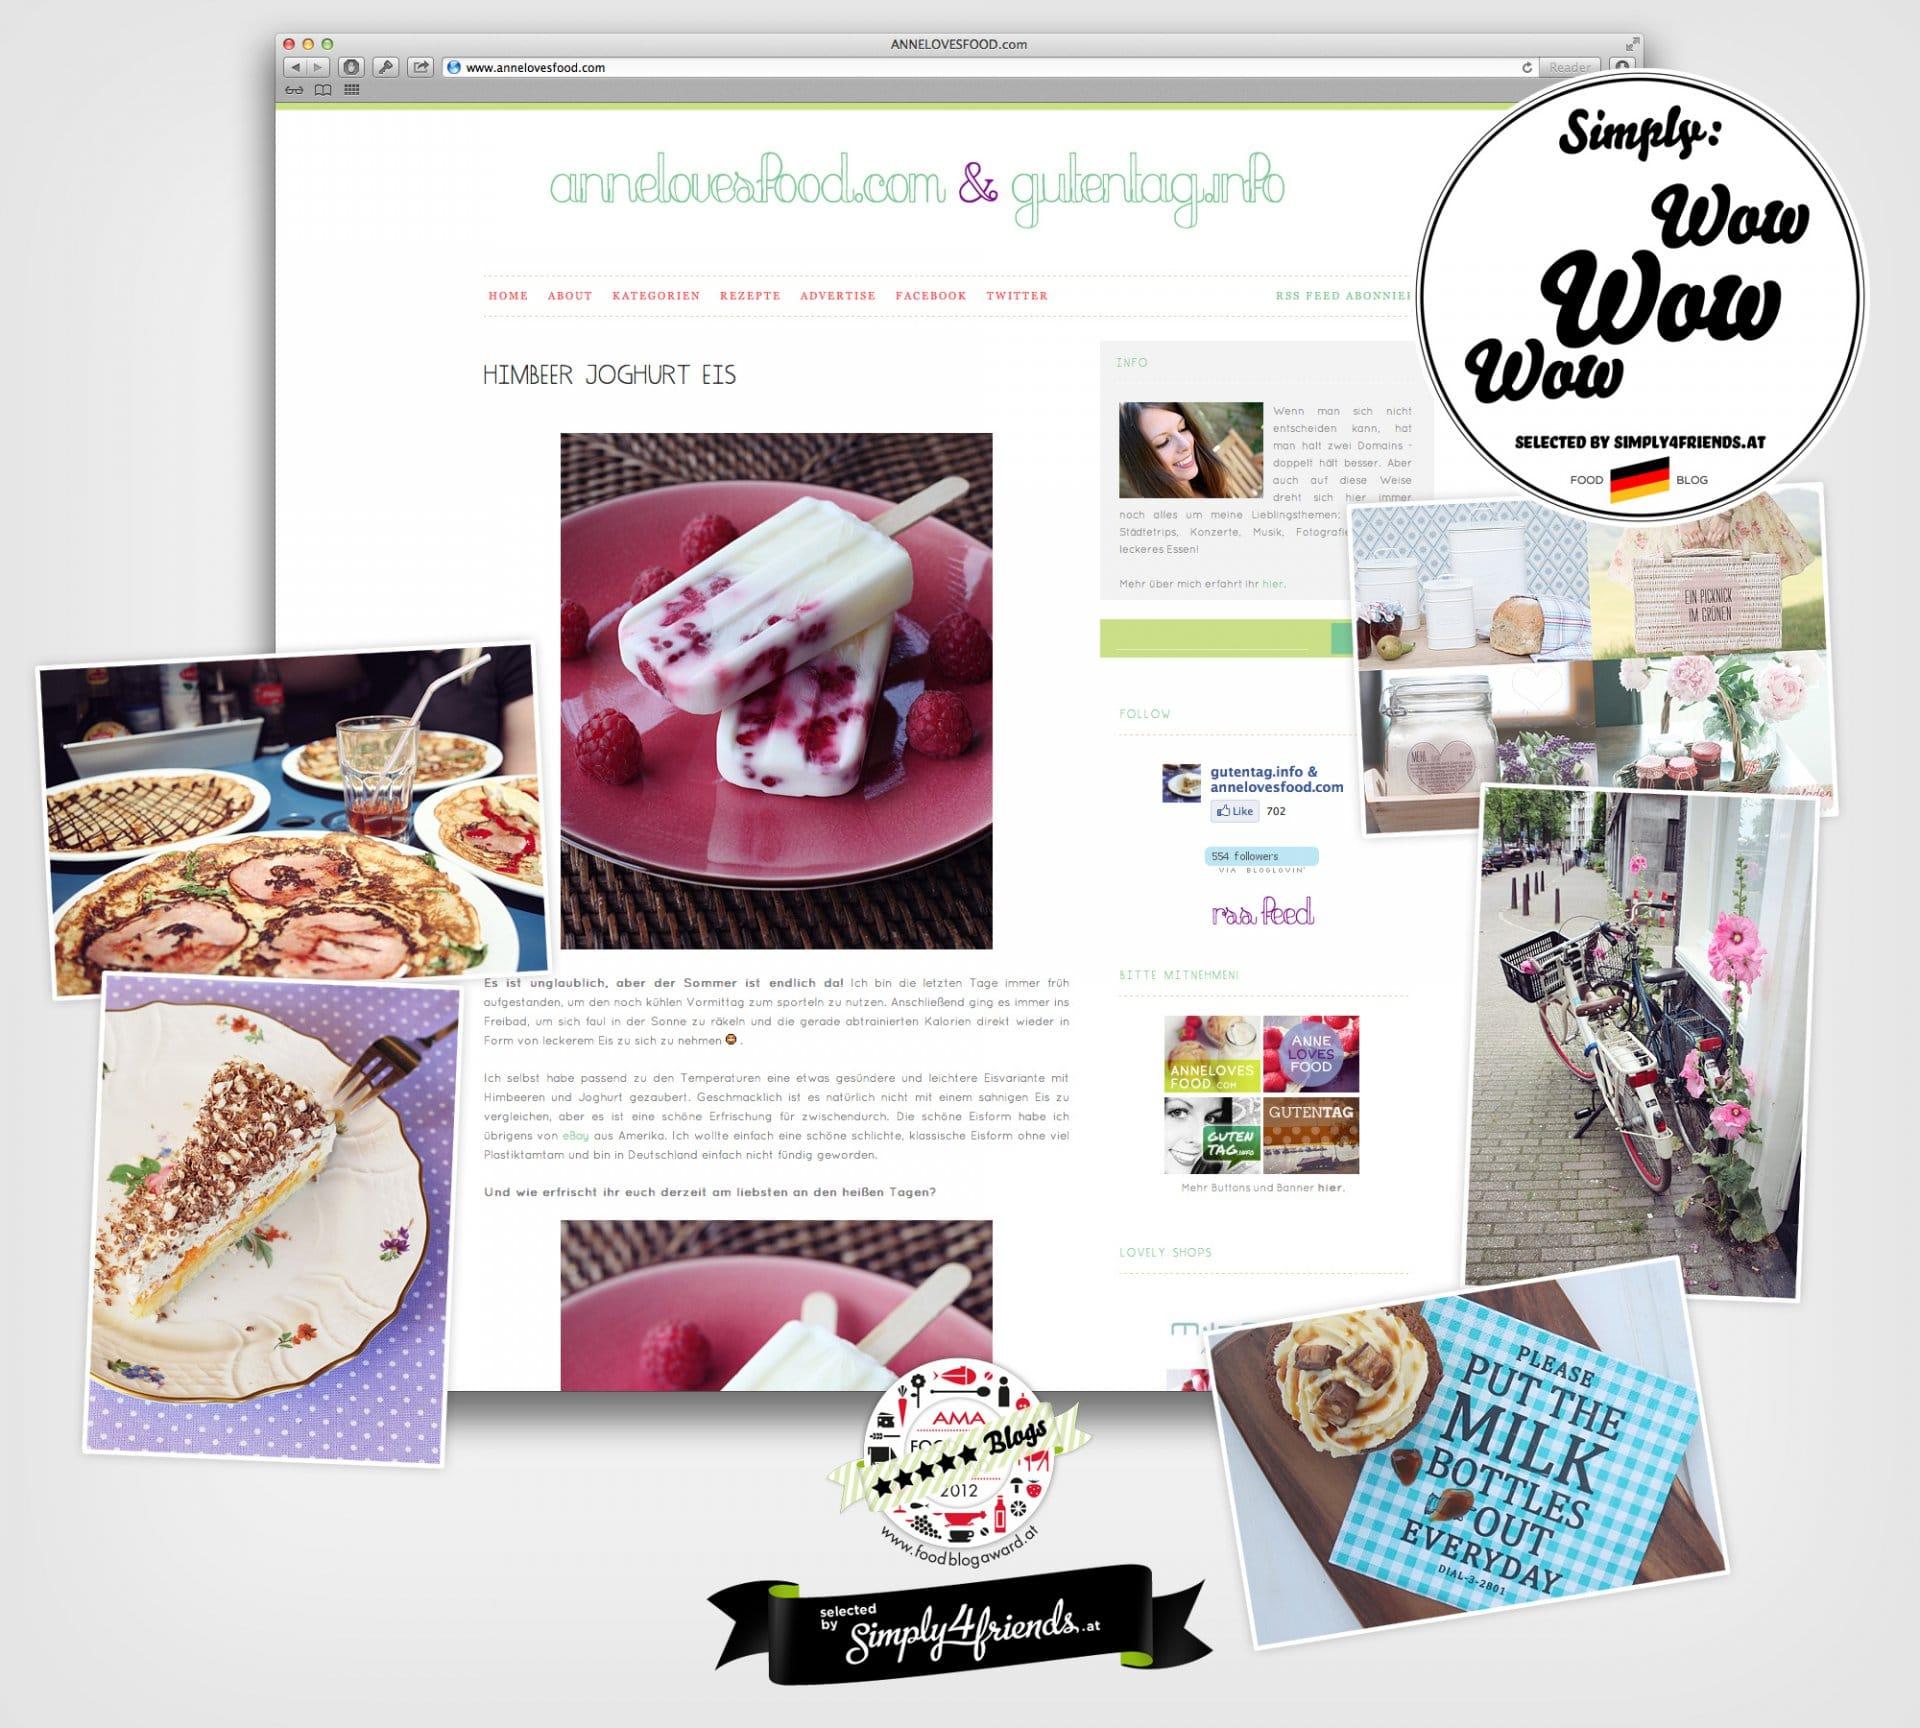 2012 topfoodblog de annelovesfood